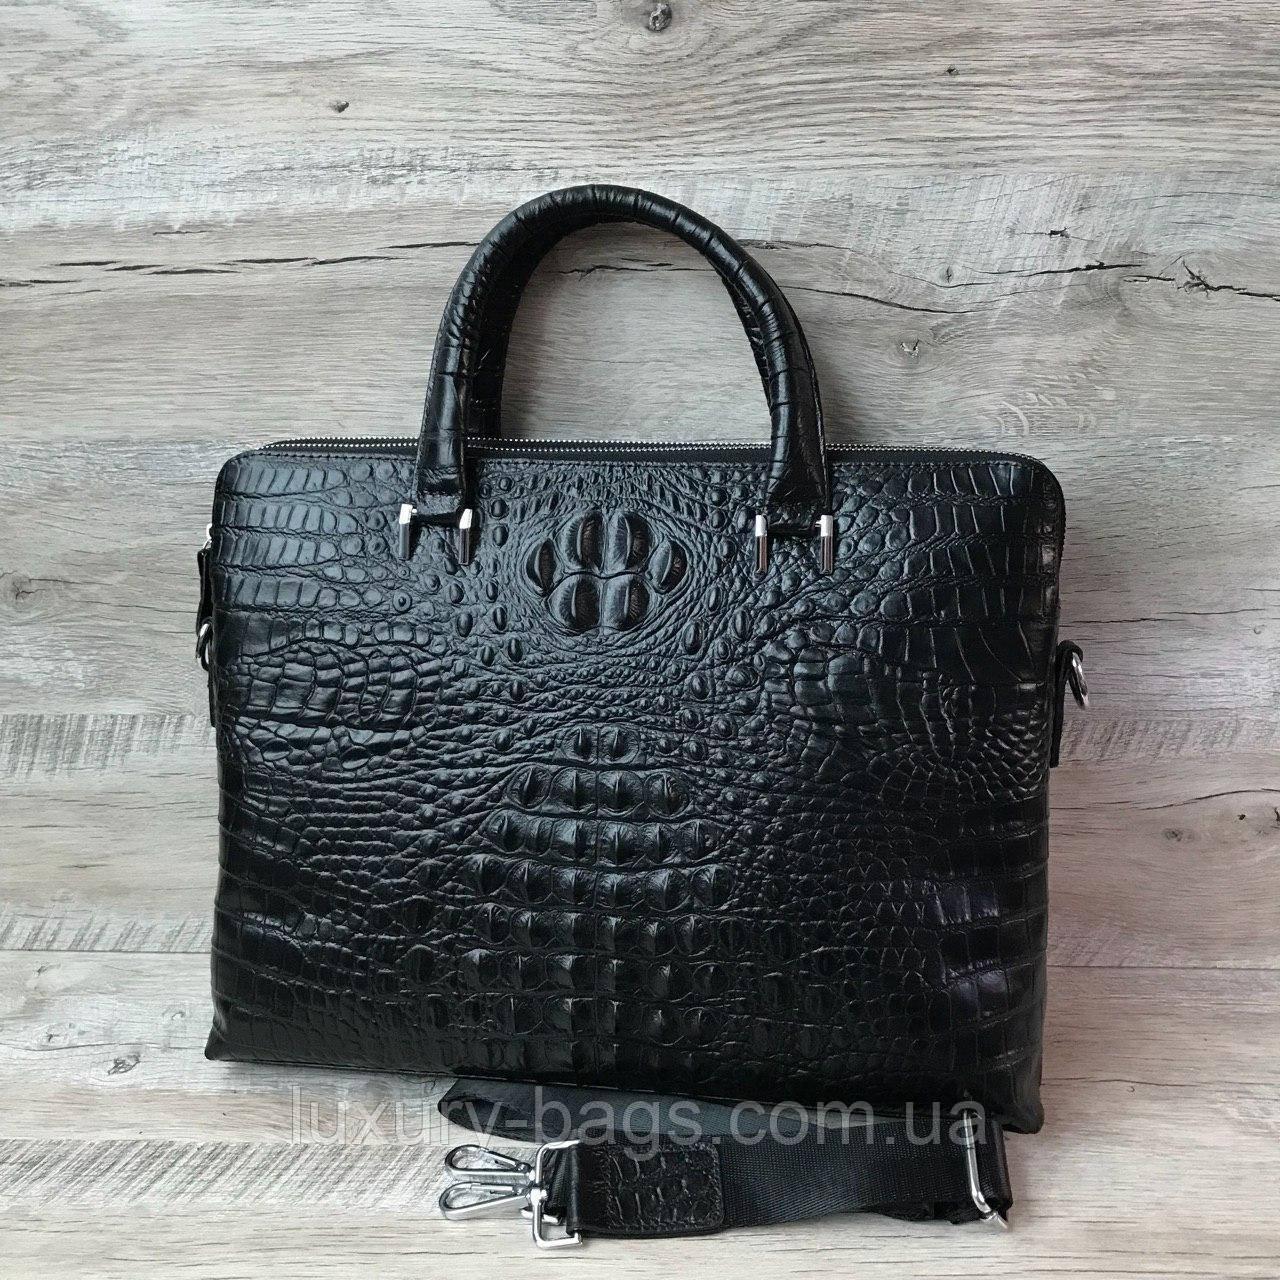 Чоловічий шкіряний портфель з виробленням під крокодила